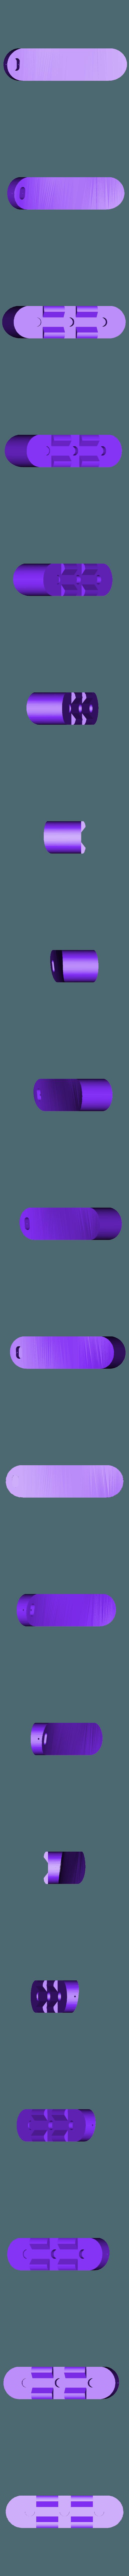 BaikalGripMagPlugV3.stl Télécharger fichier STL gratuit Bouchon magnétique Baikal MP-651K pour poignée ergonomique • Plan pour imprimante 3D, Milan_Gajic